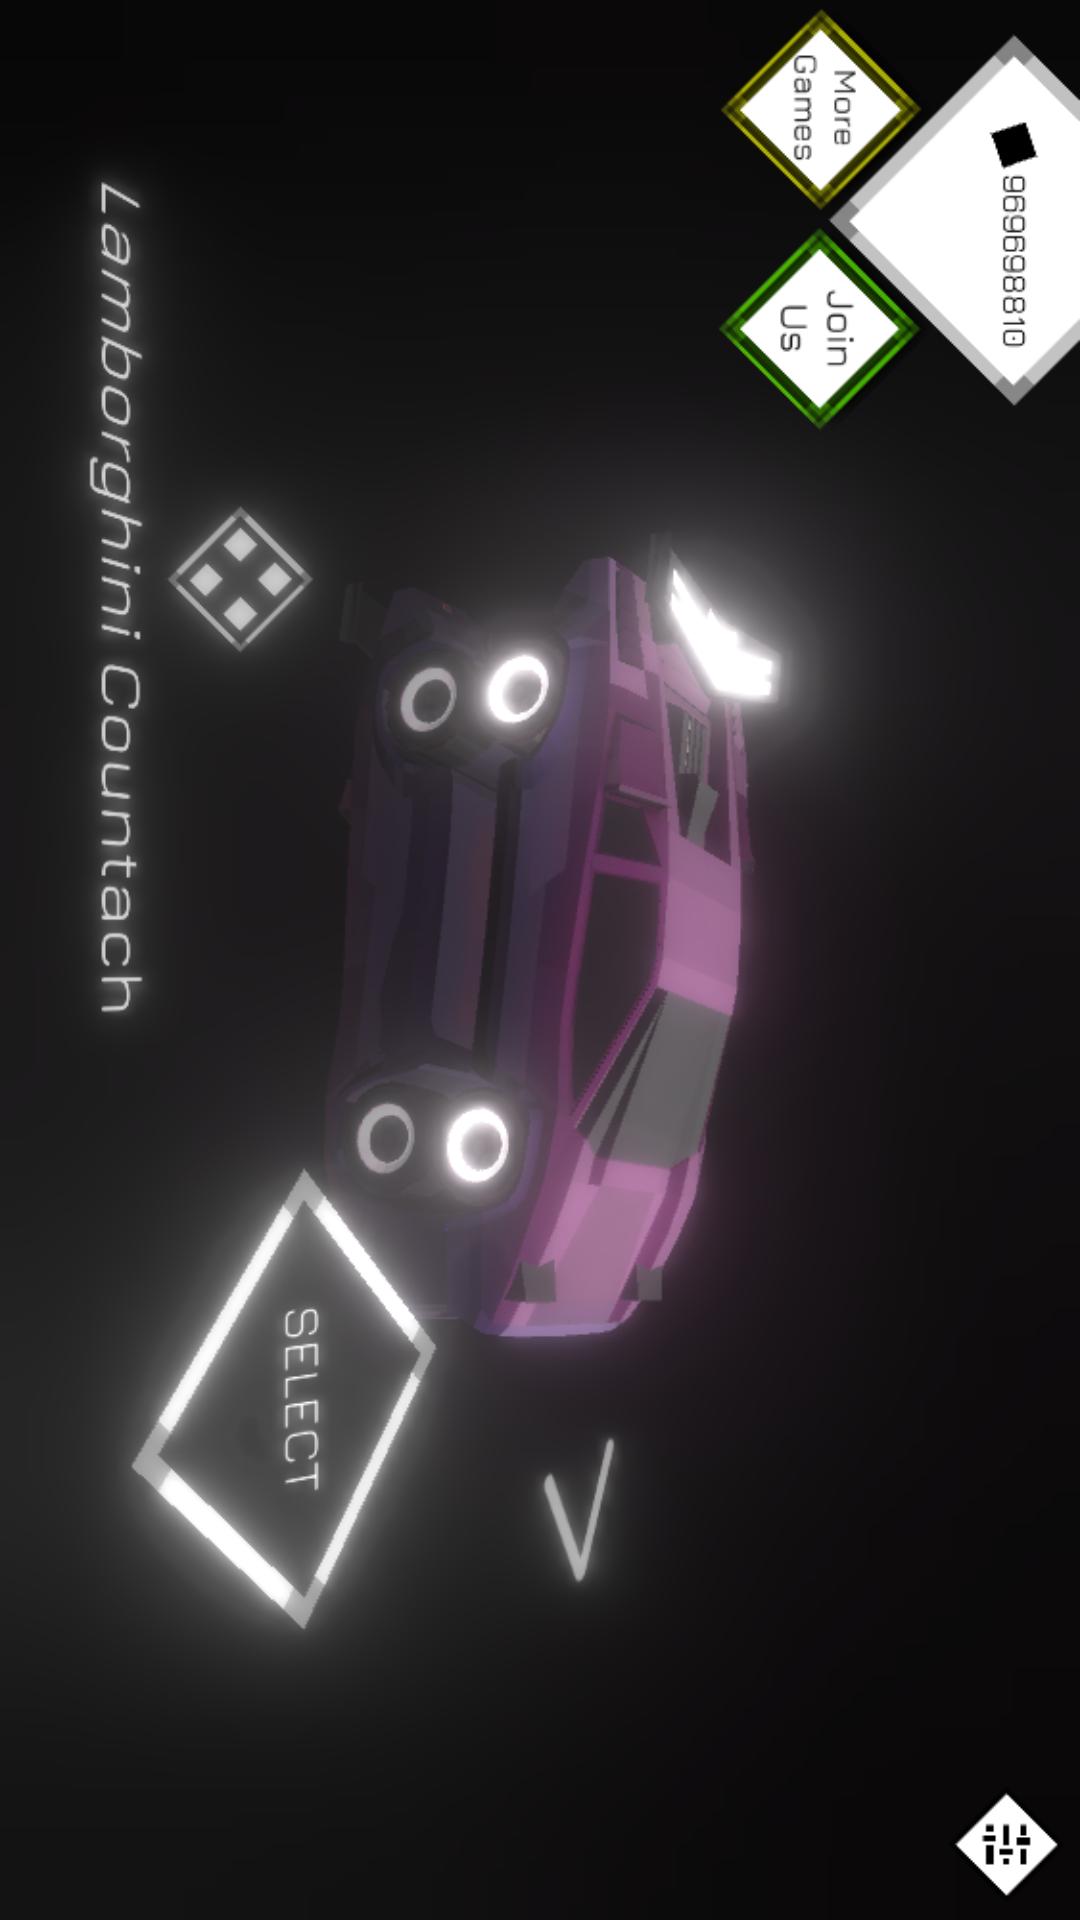 音乐赛车最新破解版游戏截图